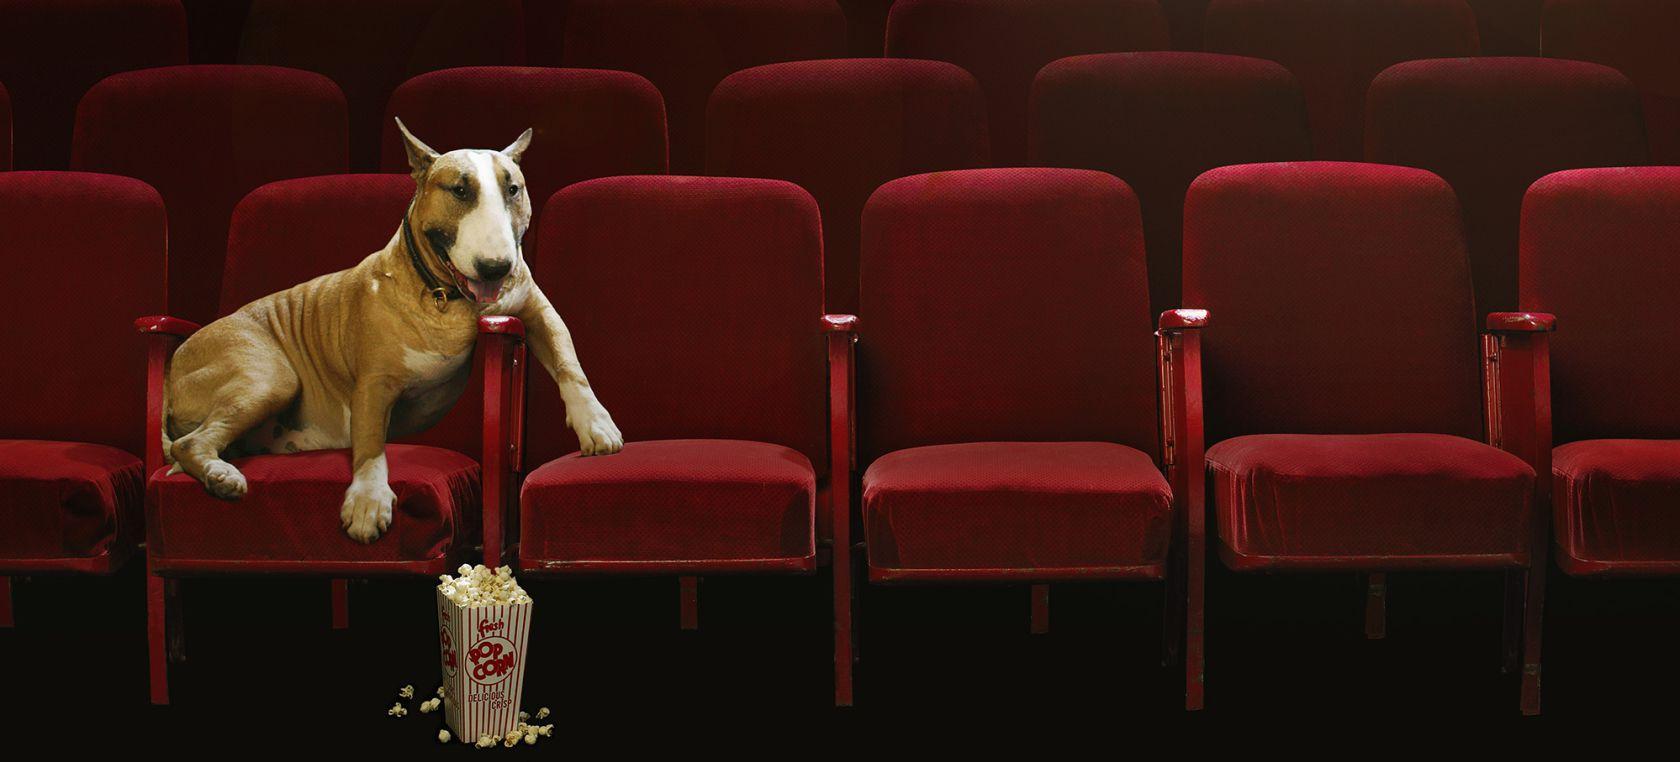 Cine donde perros son bienvenidos